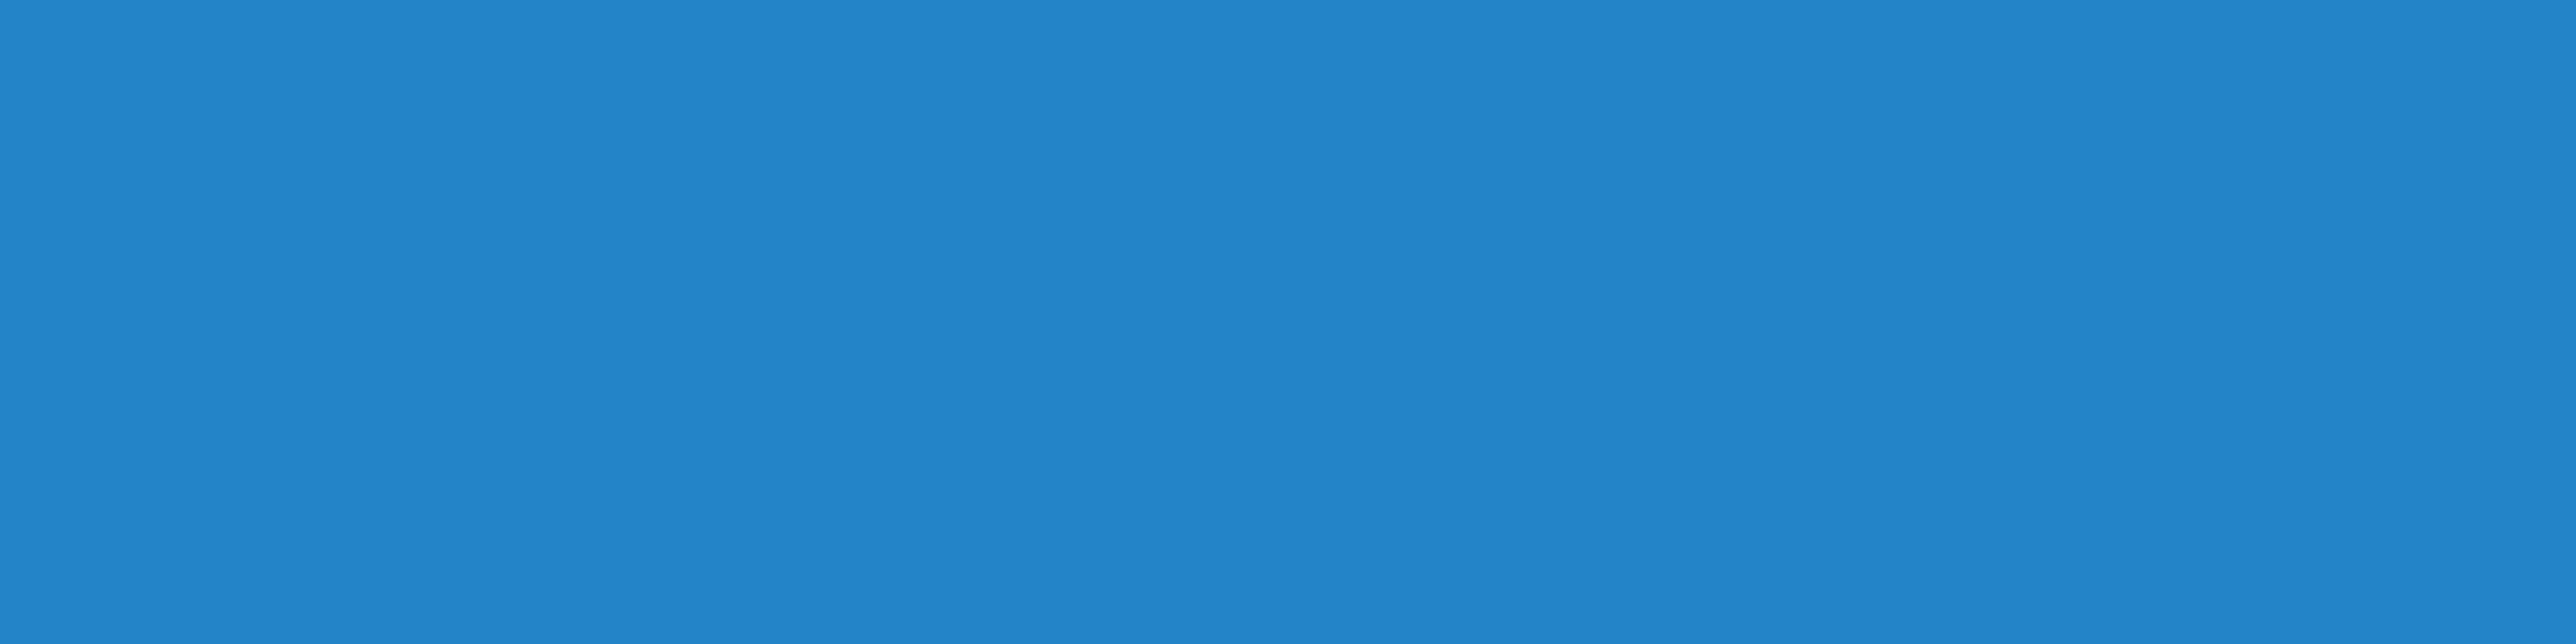 Nash Blue